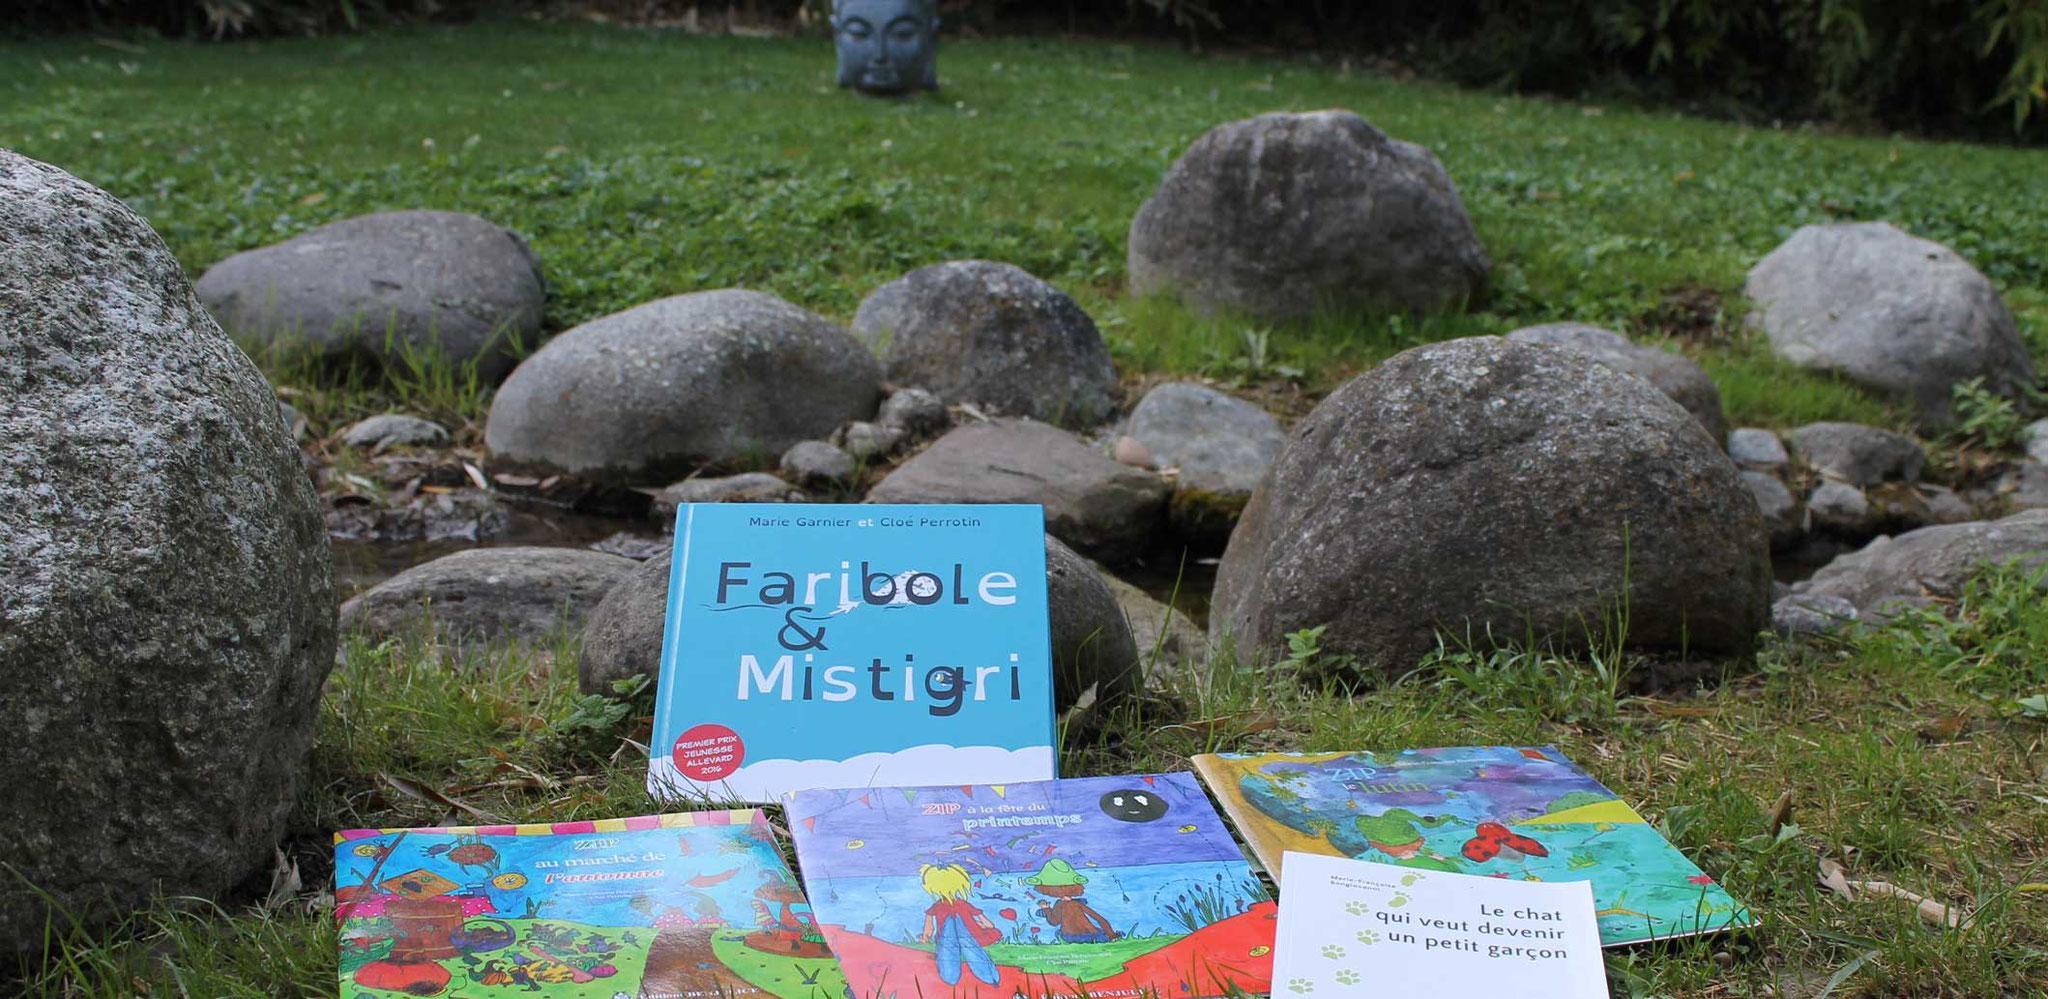 Les livres de Cloé Perrotin et la tête de Bouddha aux Jardins Aquatiques à l'été 2017